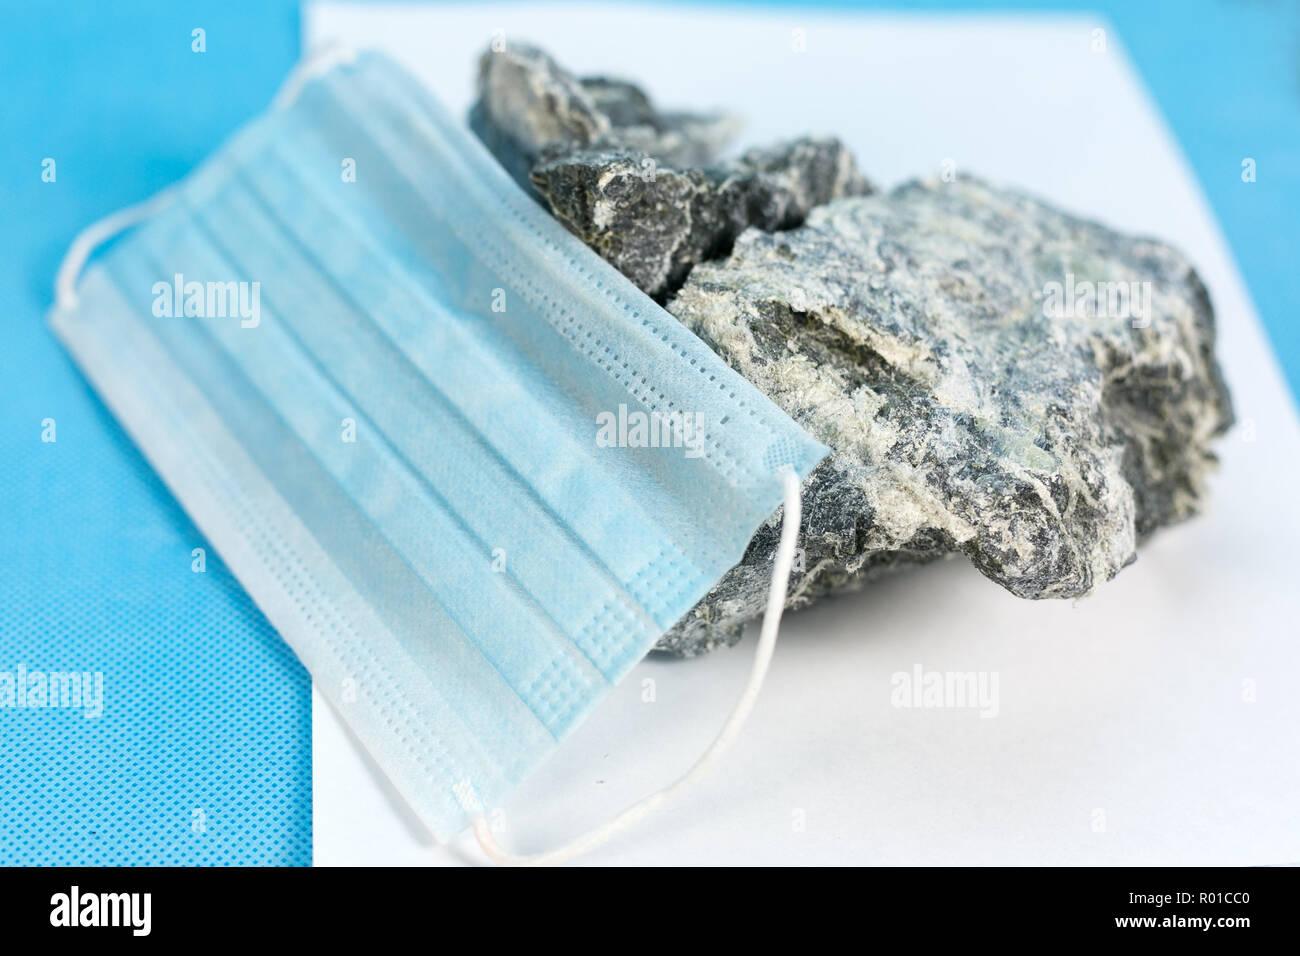 Asbestos Texture Stock Photos Amp Asbestos Texture Stock